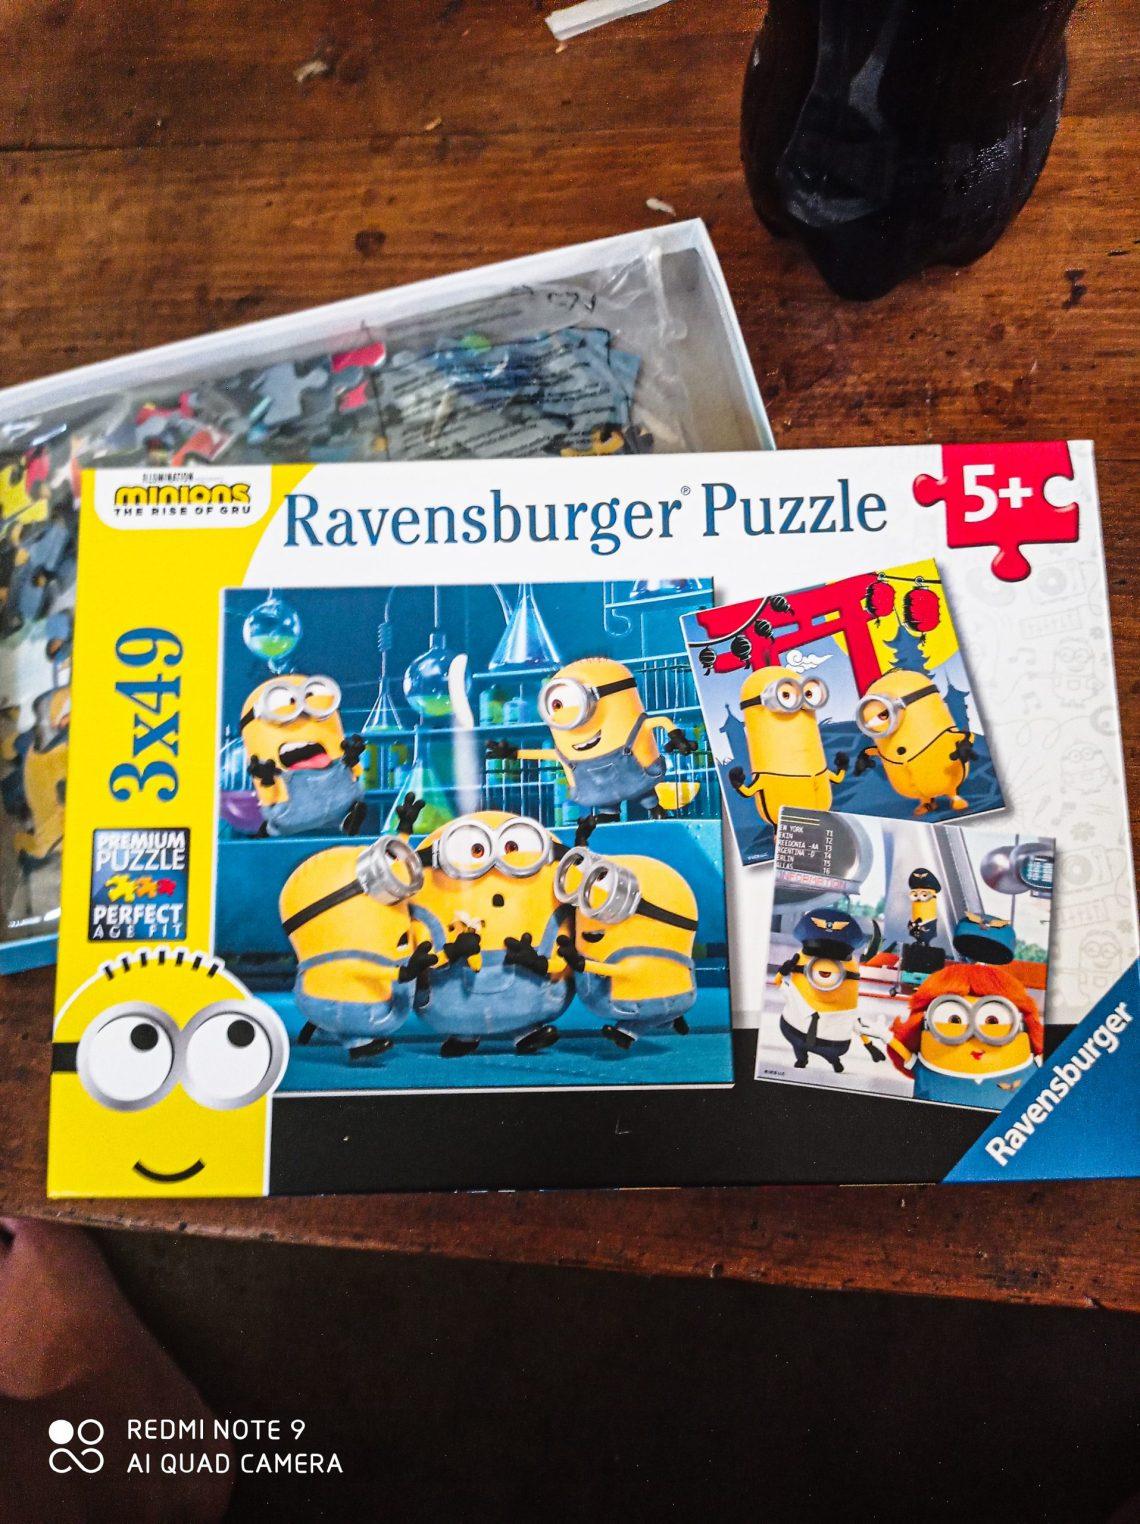 Les puzzles pour enfant, à quel âge, combien de pièces et pourquoi ?